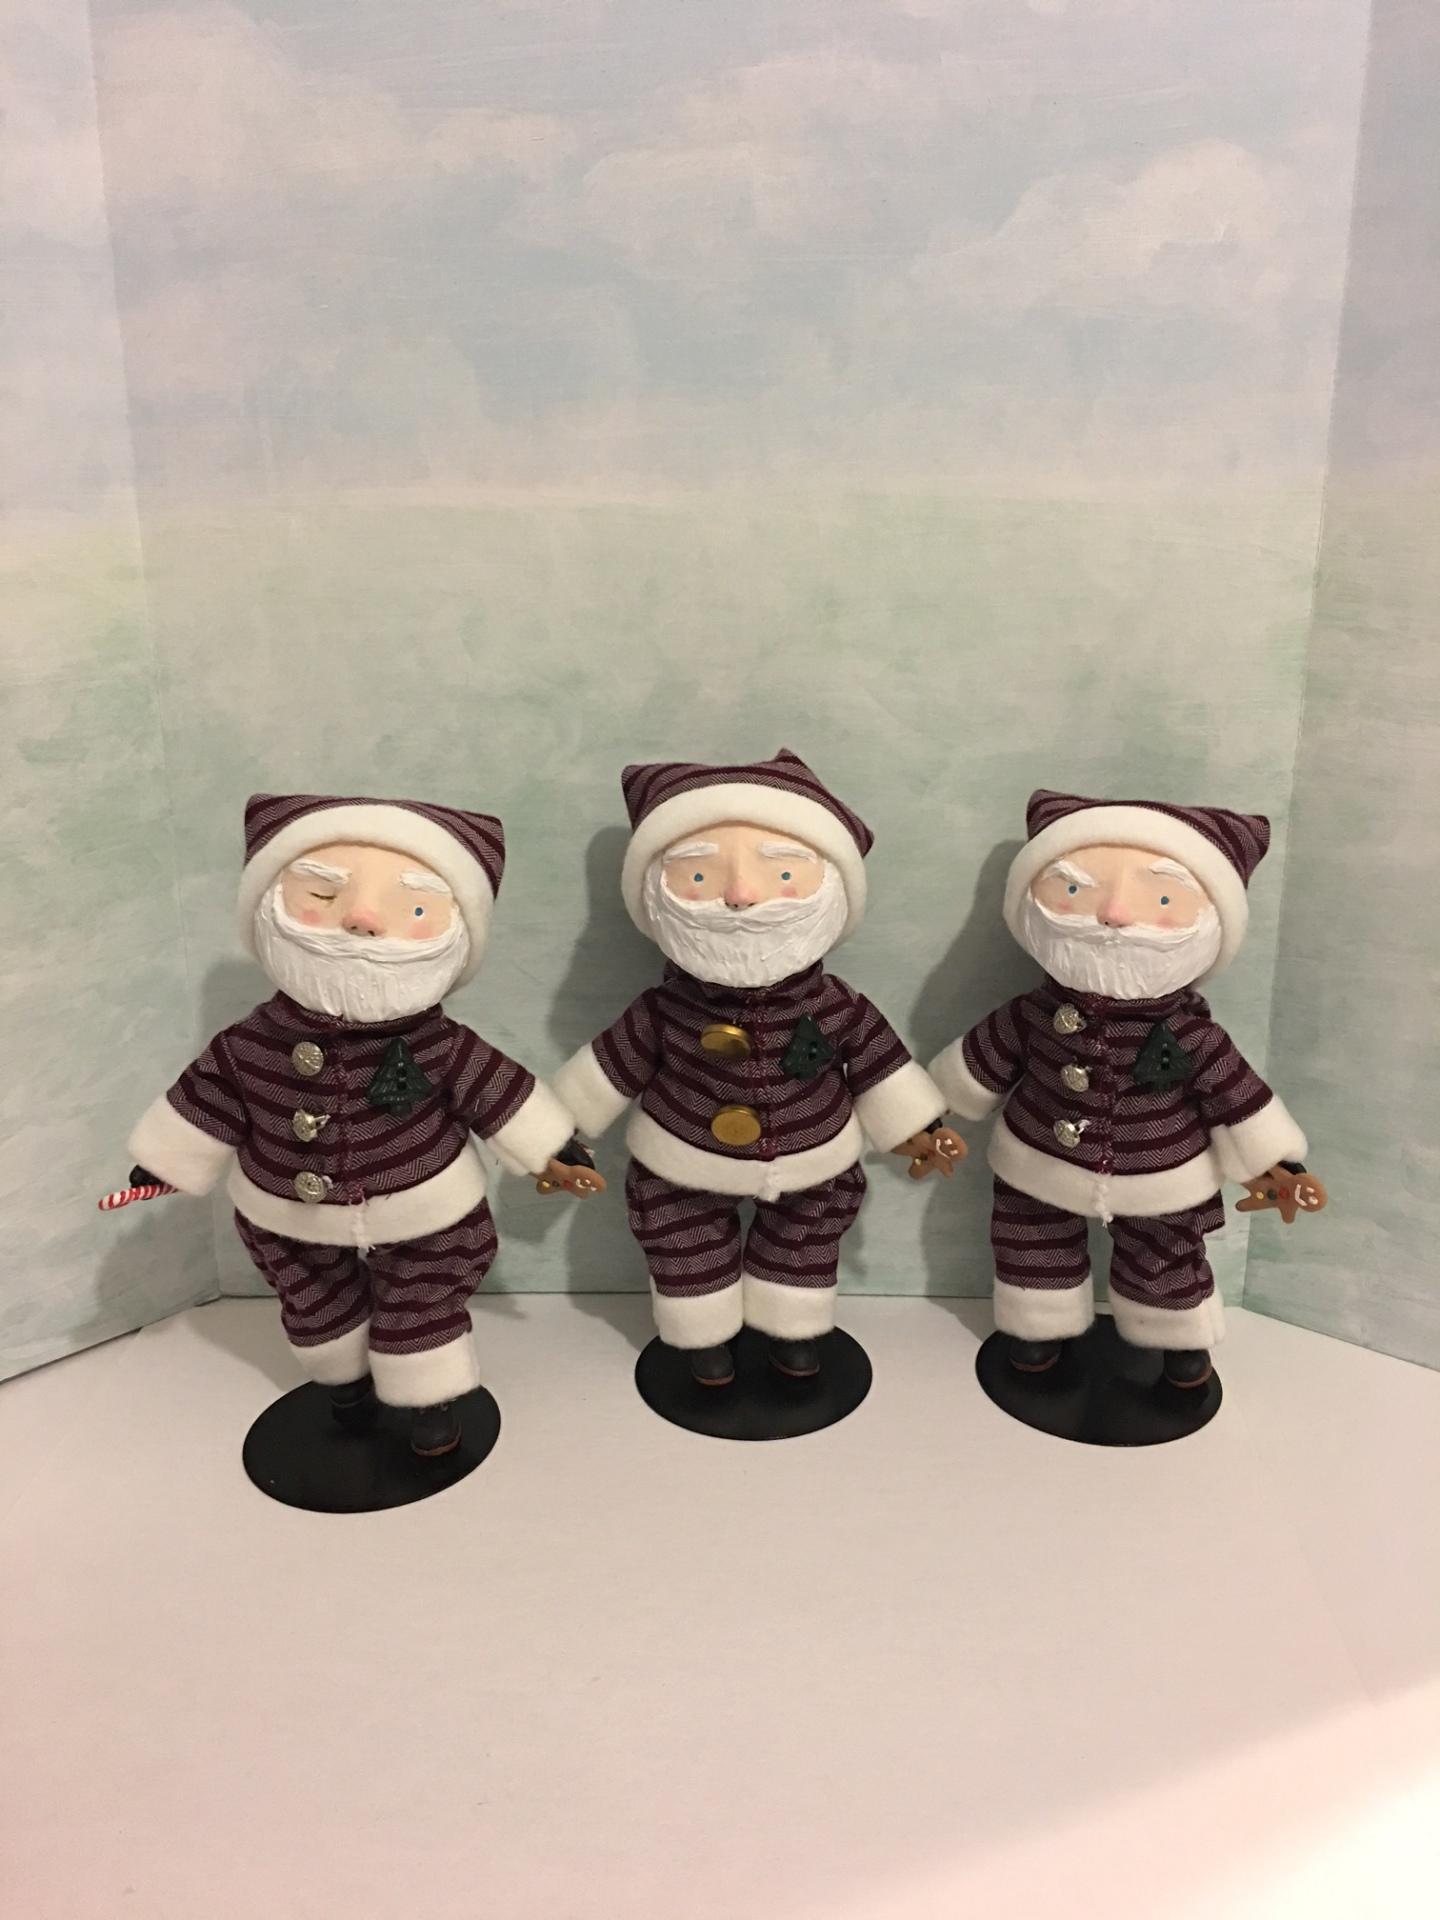 Dapper Santas